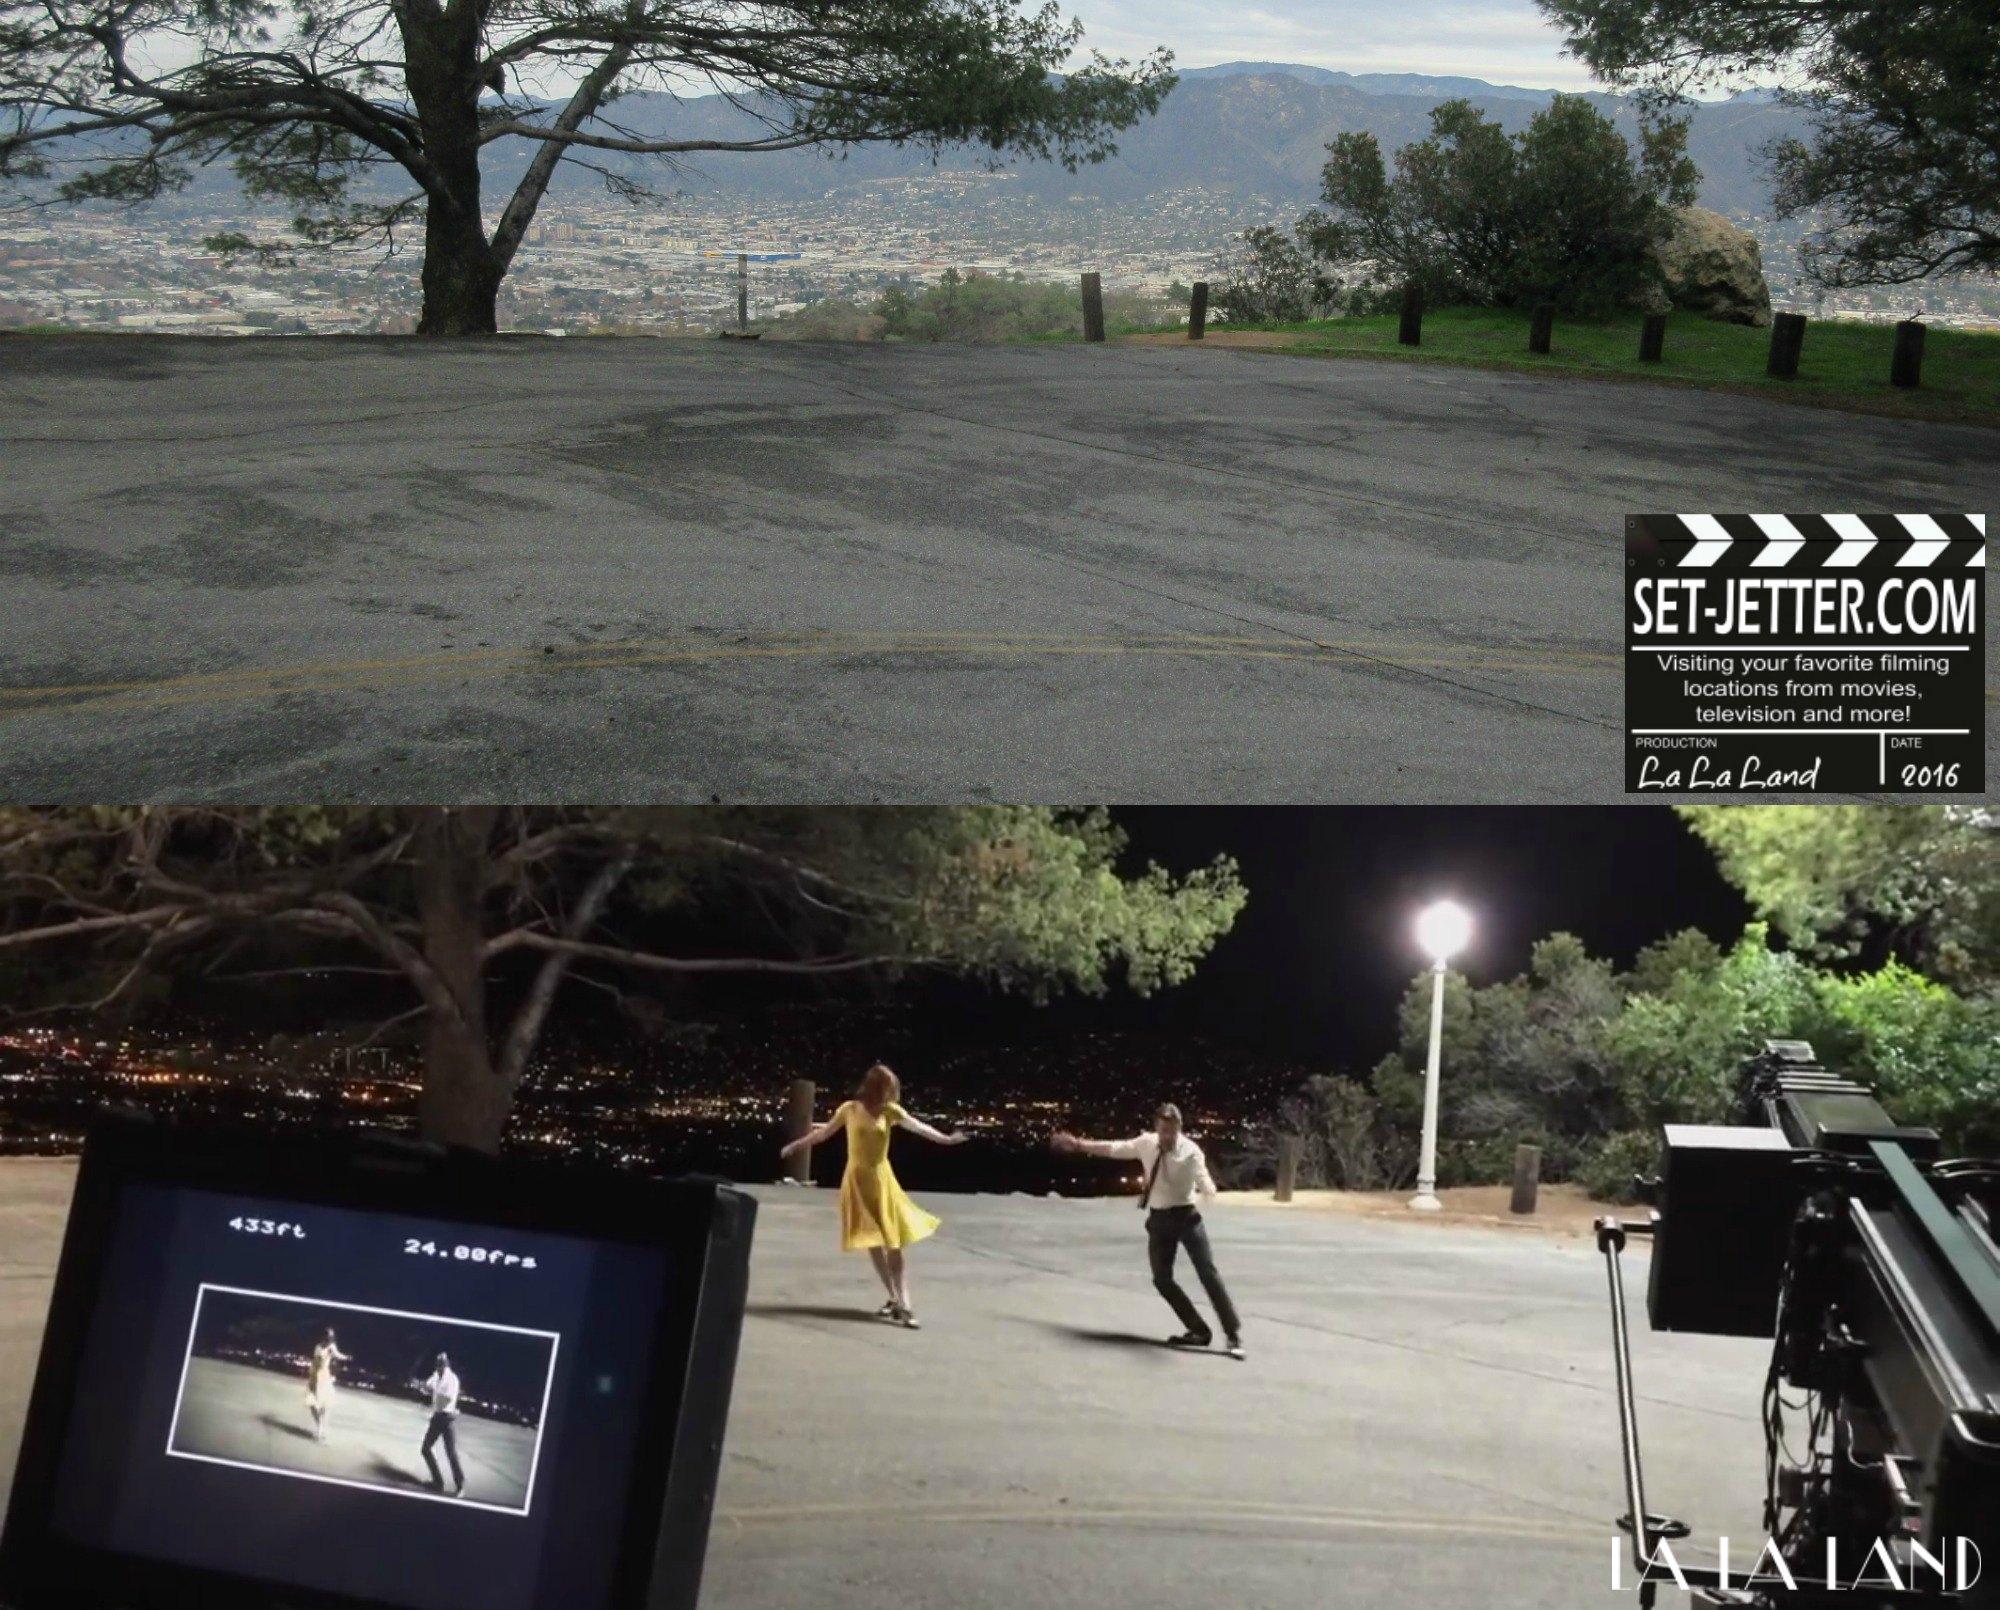 La La Land comparison 36.jpg